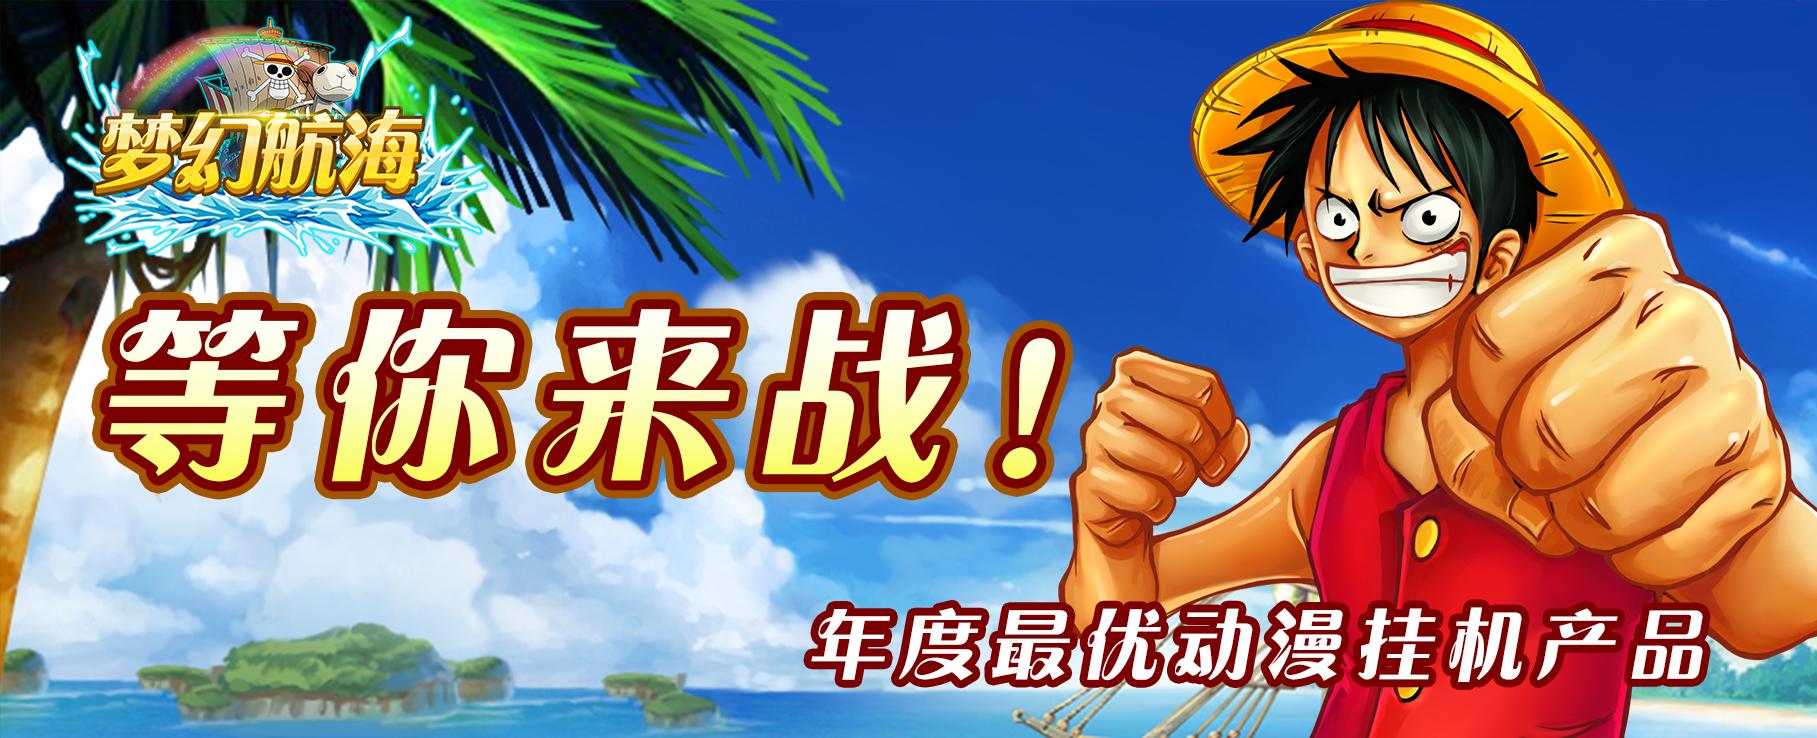 全新第3代挂机手游《梦幻航海》解放你的双手!